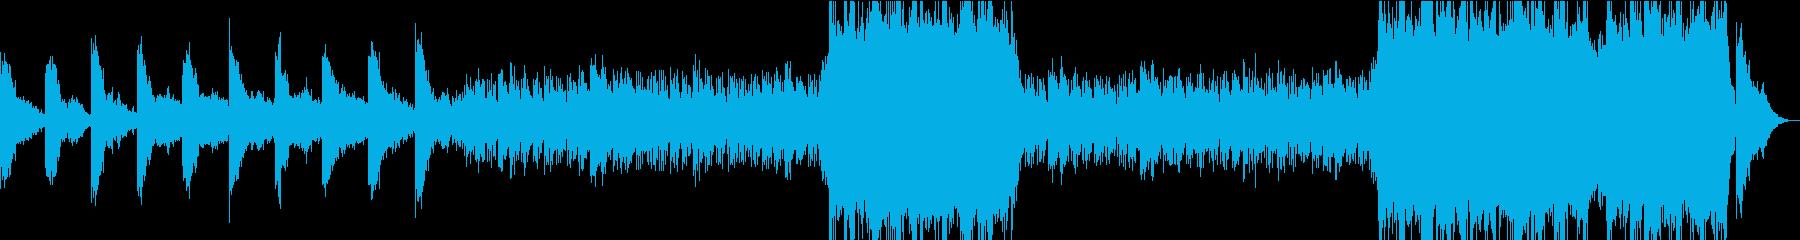 手回しオルガン風の曲調の再生済みの波形